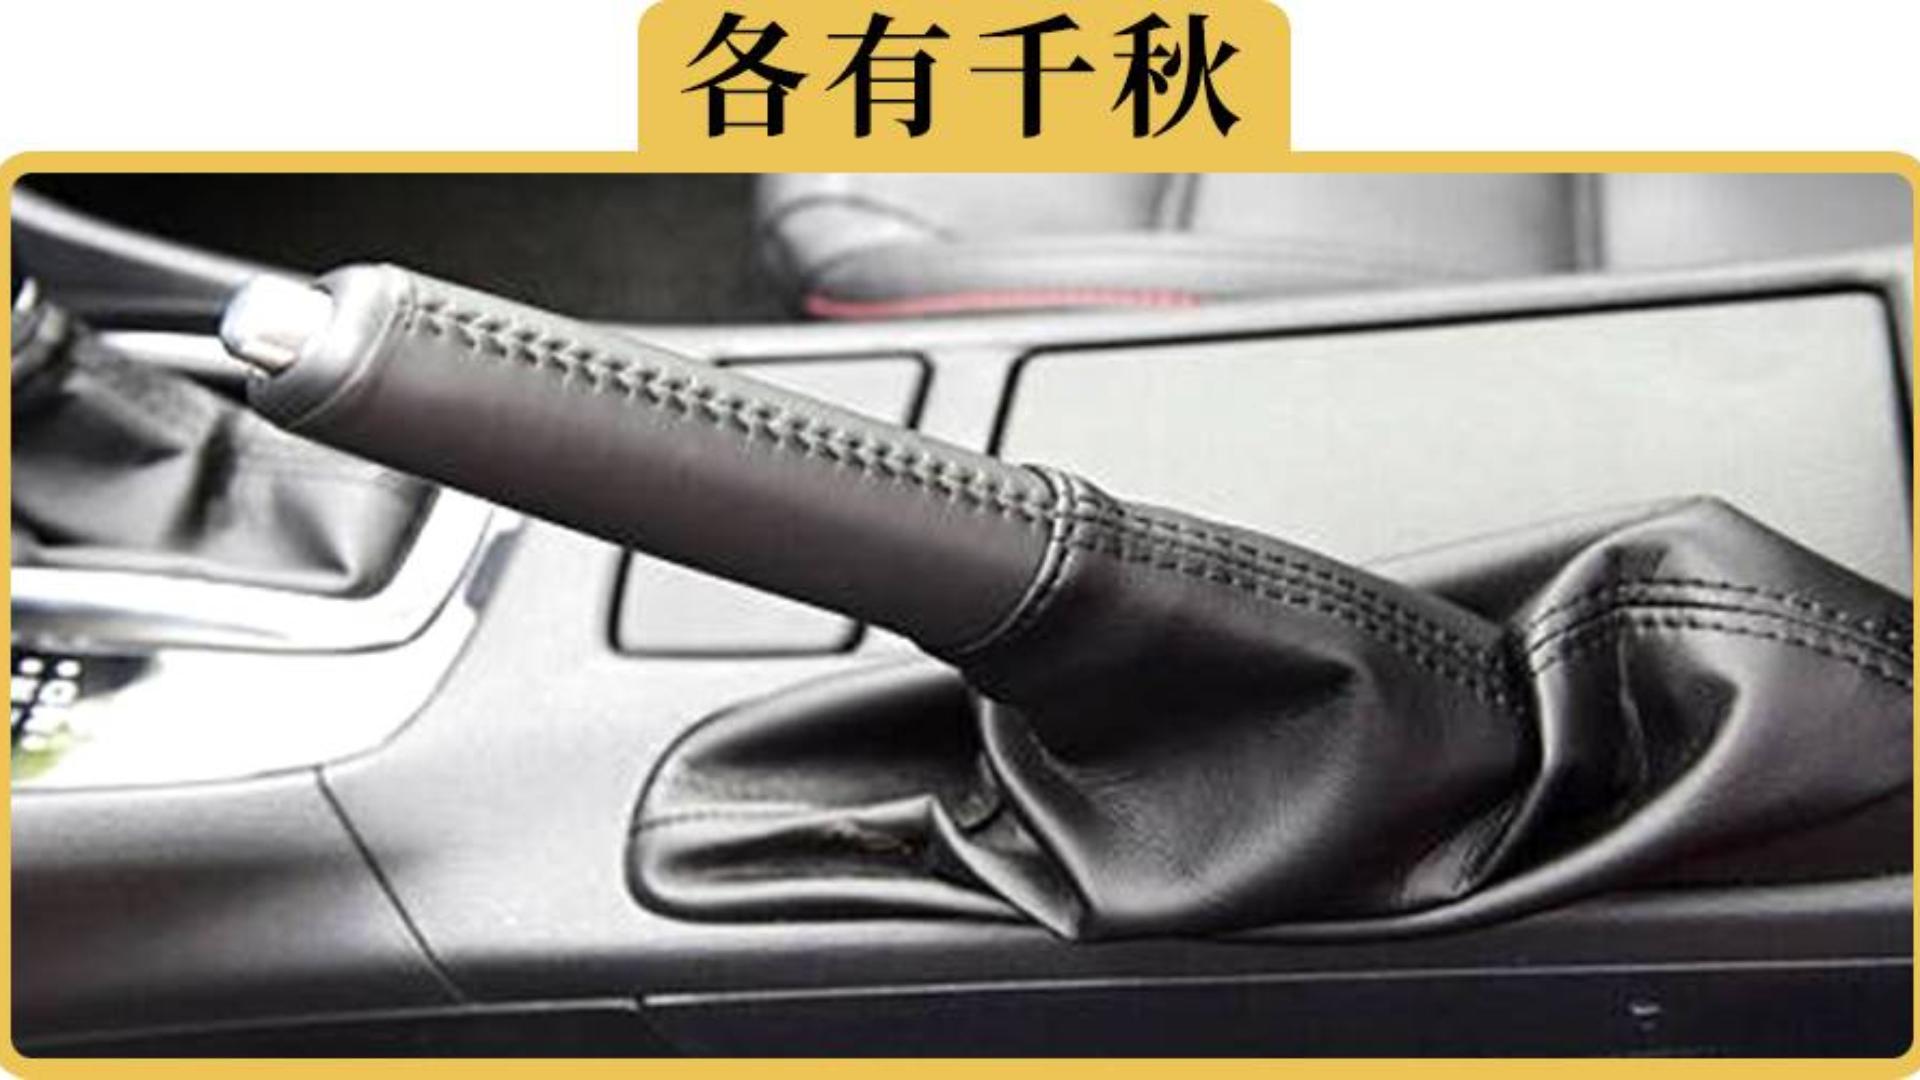 电子手刹和机械手刹,用起来有什么区别